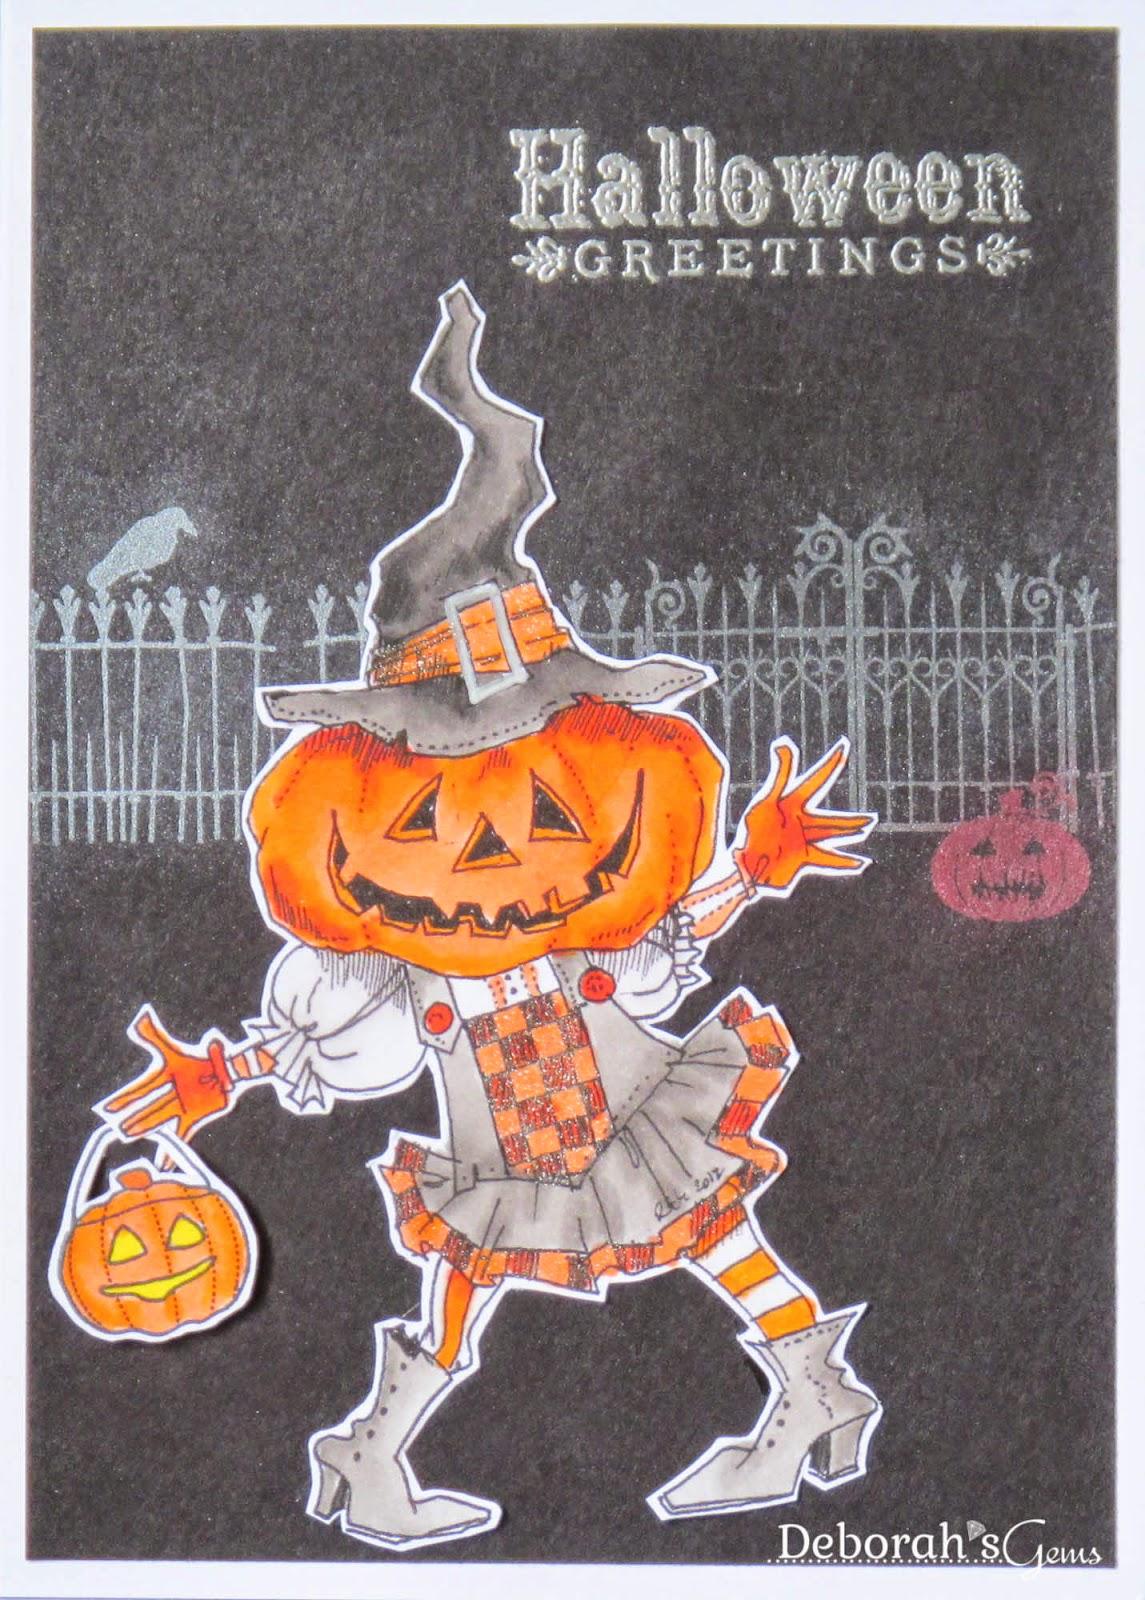 Halloween Greetings - photo by Deborah Frings - Deborah's Gems